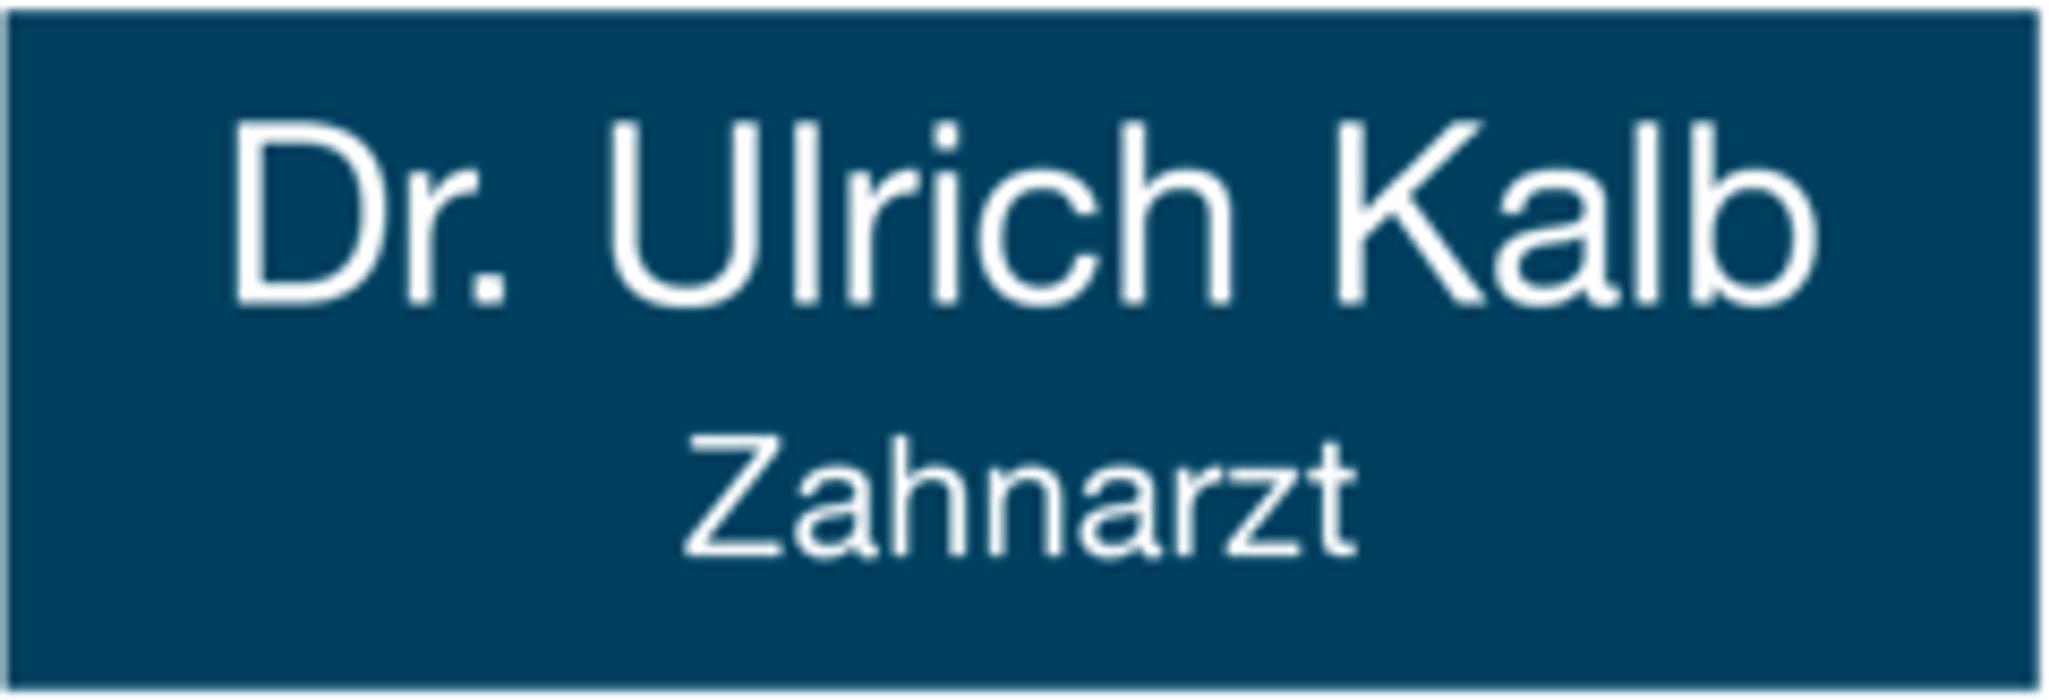 Bild zu Herr Dr. med. dent. Ulrich Kalb - Zahnarztpraxis in Augsburg